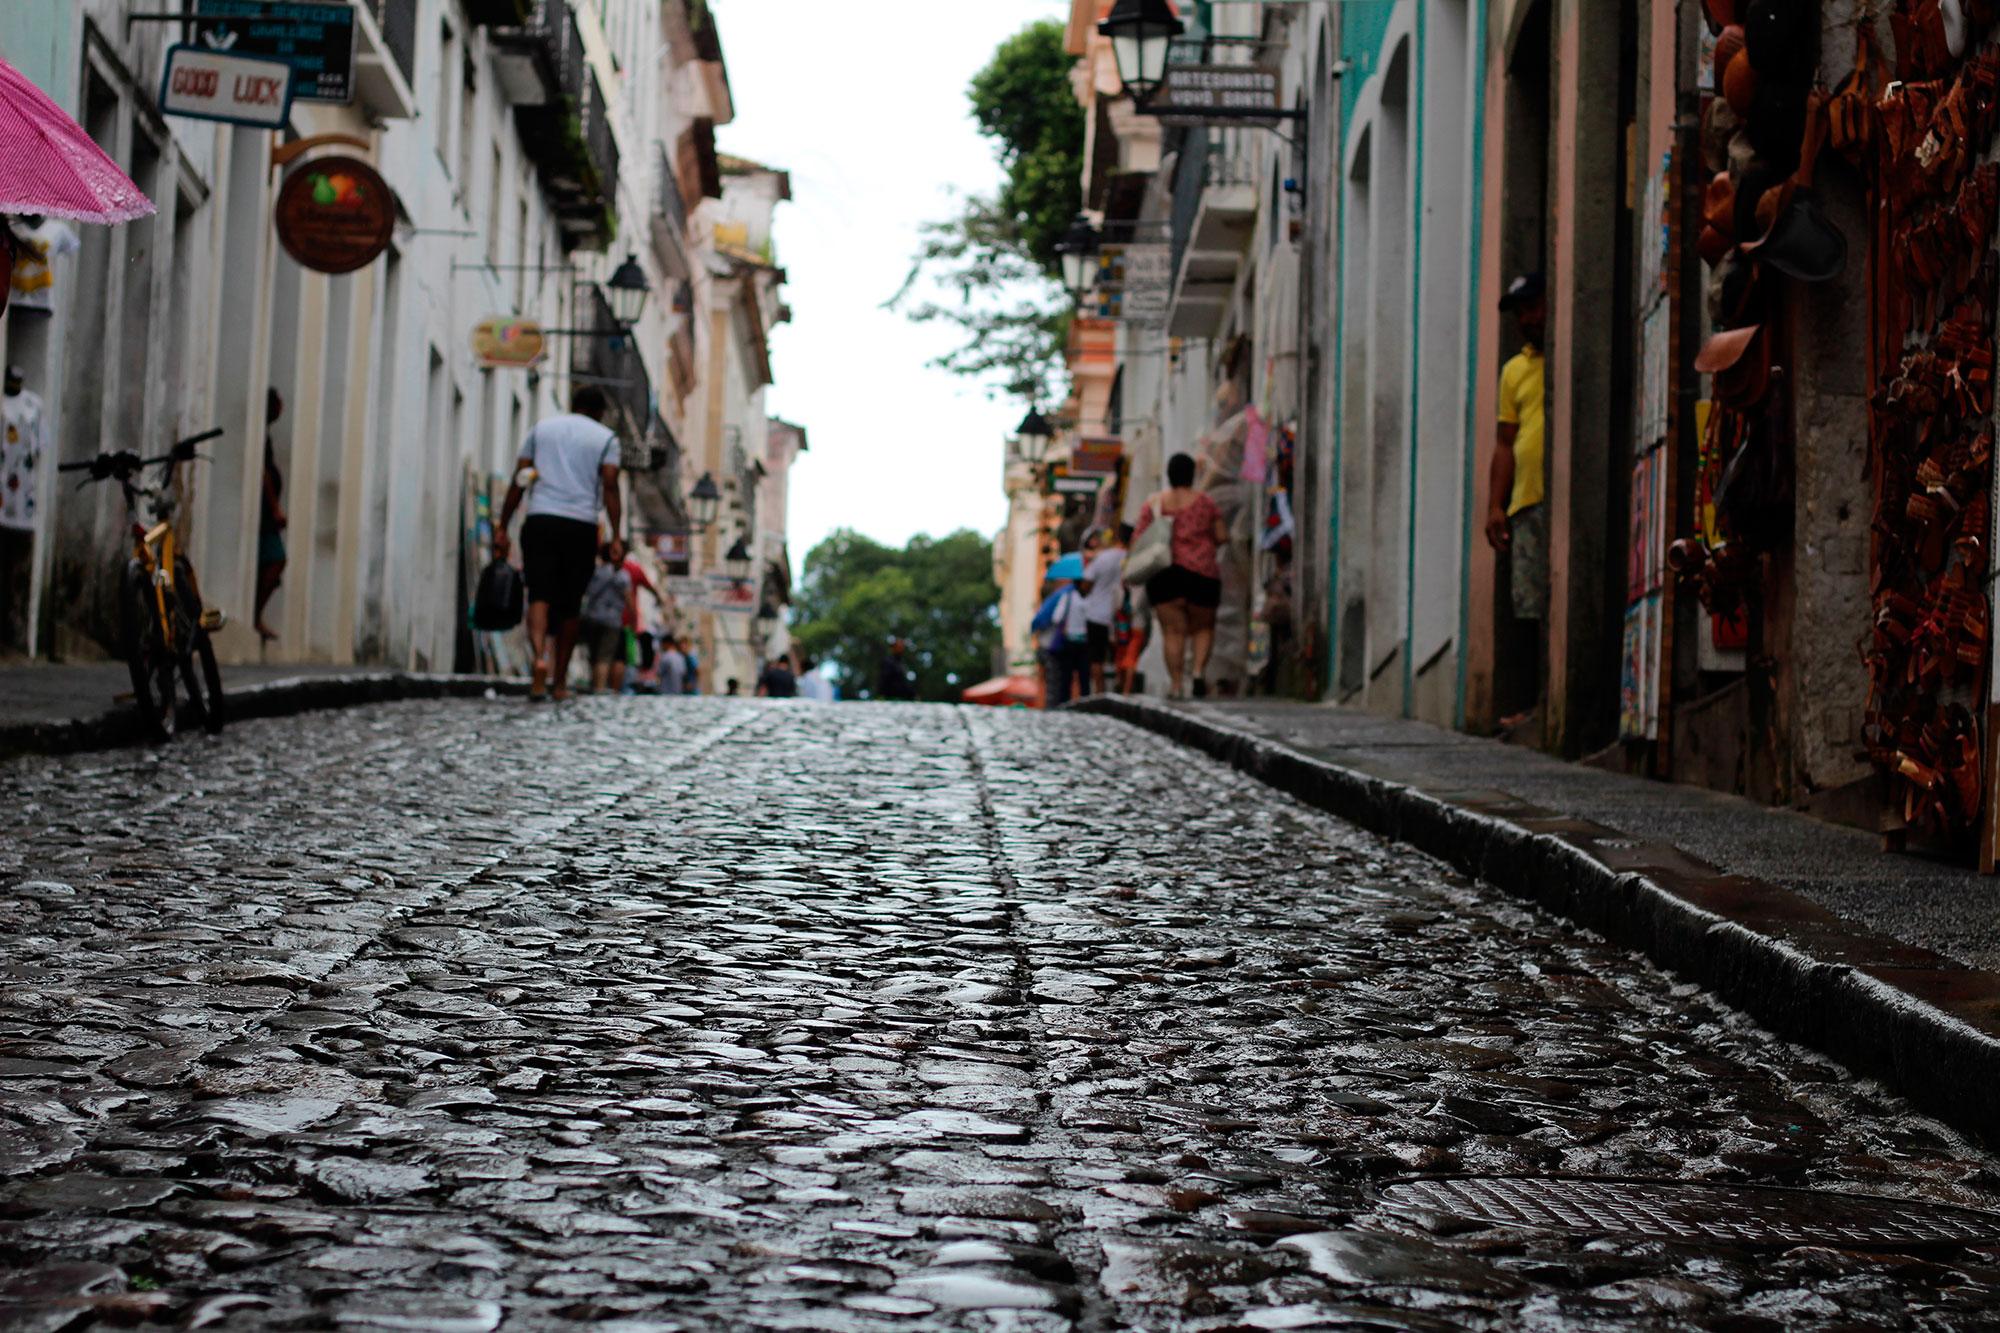 Nordeste possui a menor renda domiciliar do país e alimentos e bebidas comprometem 26% do orçamento doméstico   : : CidadeMarketing : :